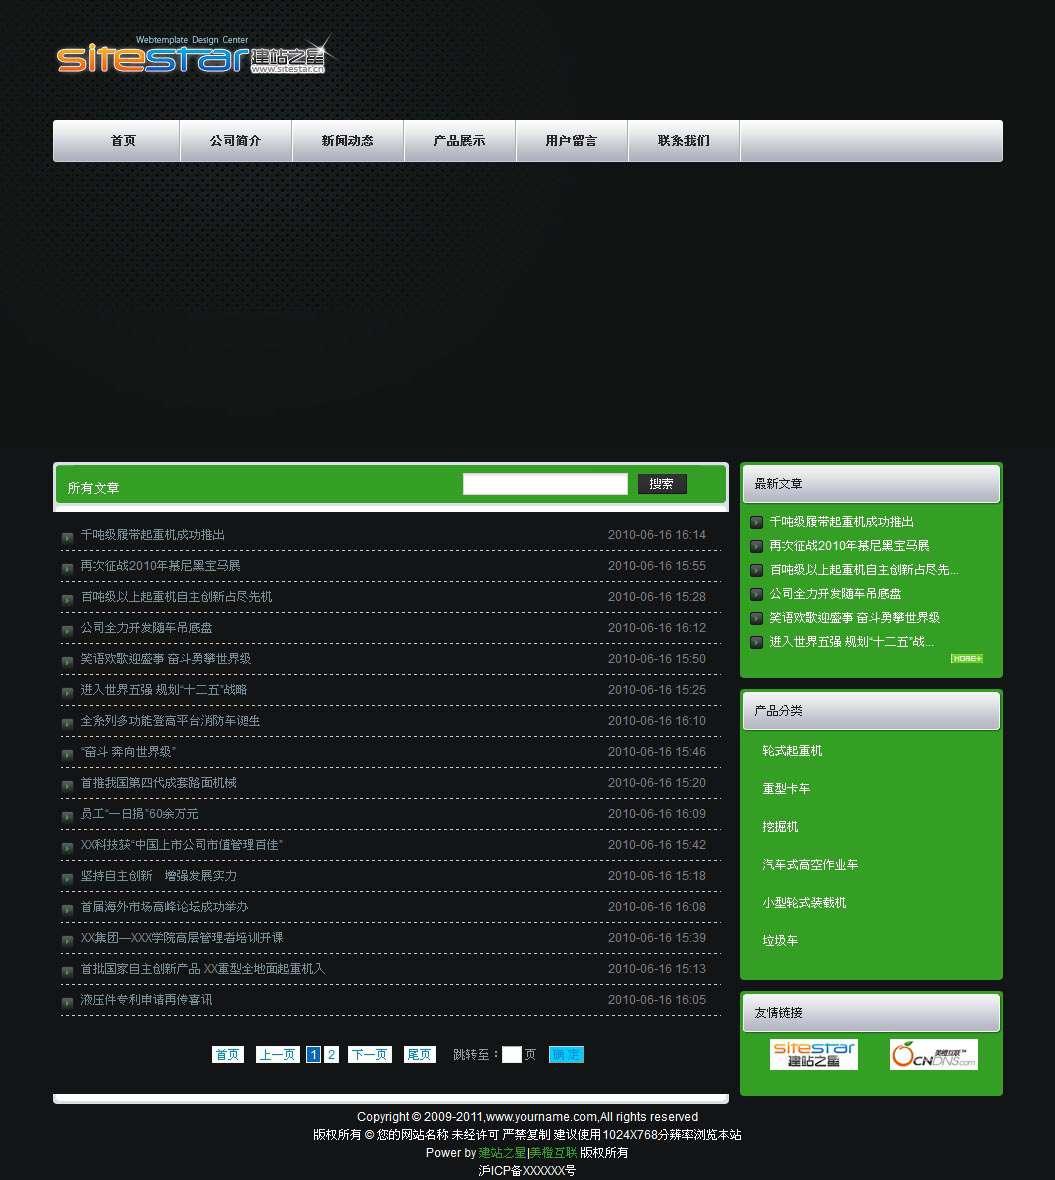 企业网站-机械A22模板列表页面